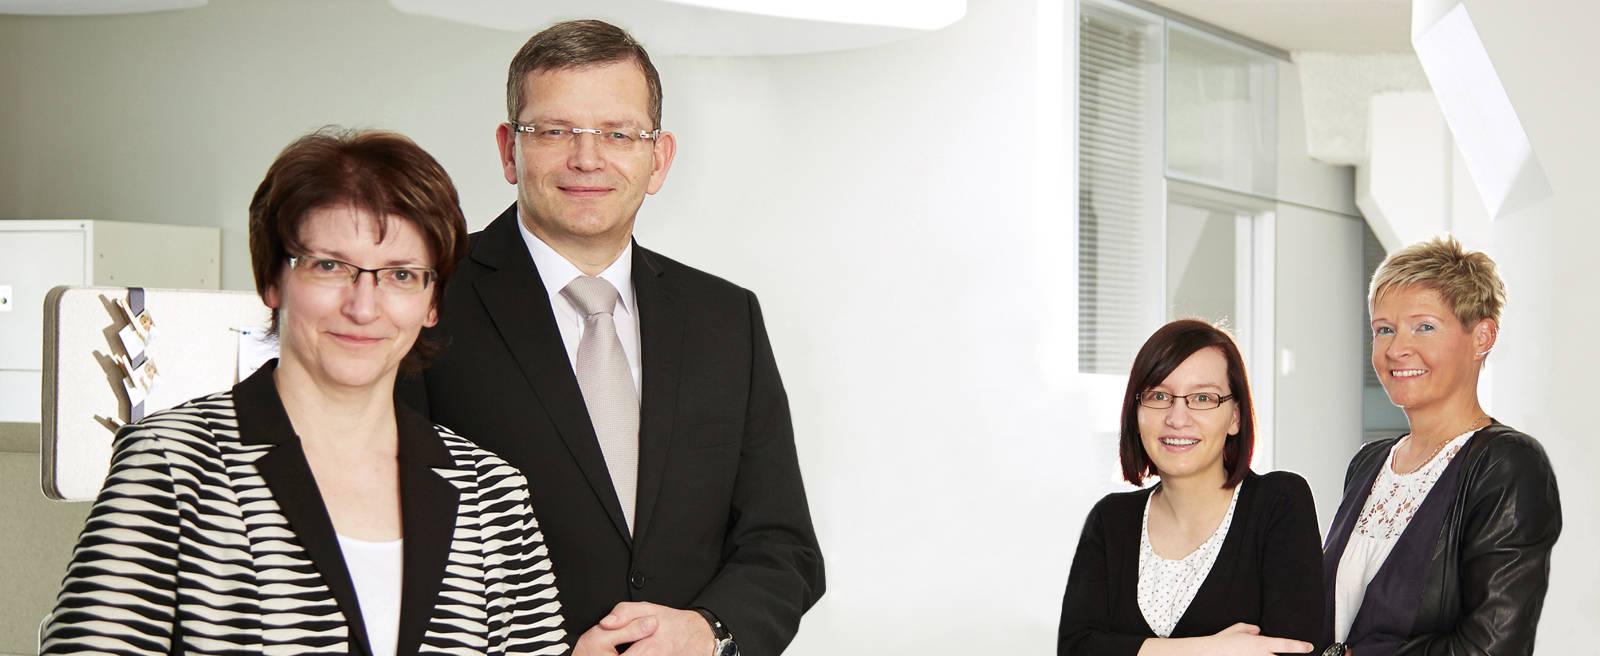 Anwaltskanzlei Schulte - Rechtsanwalt Chemnitz